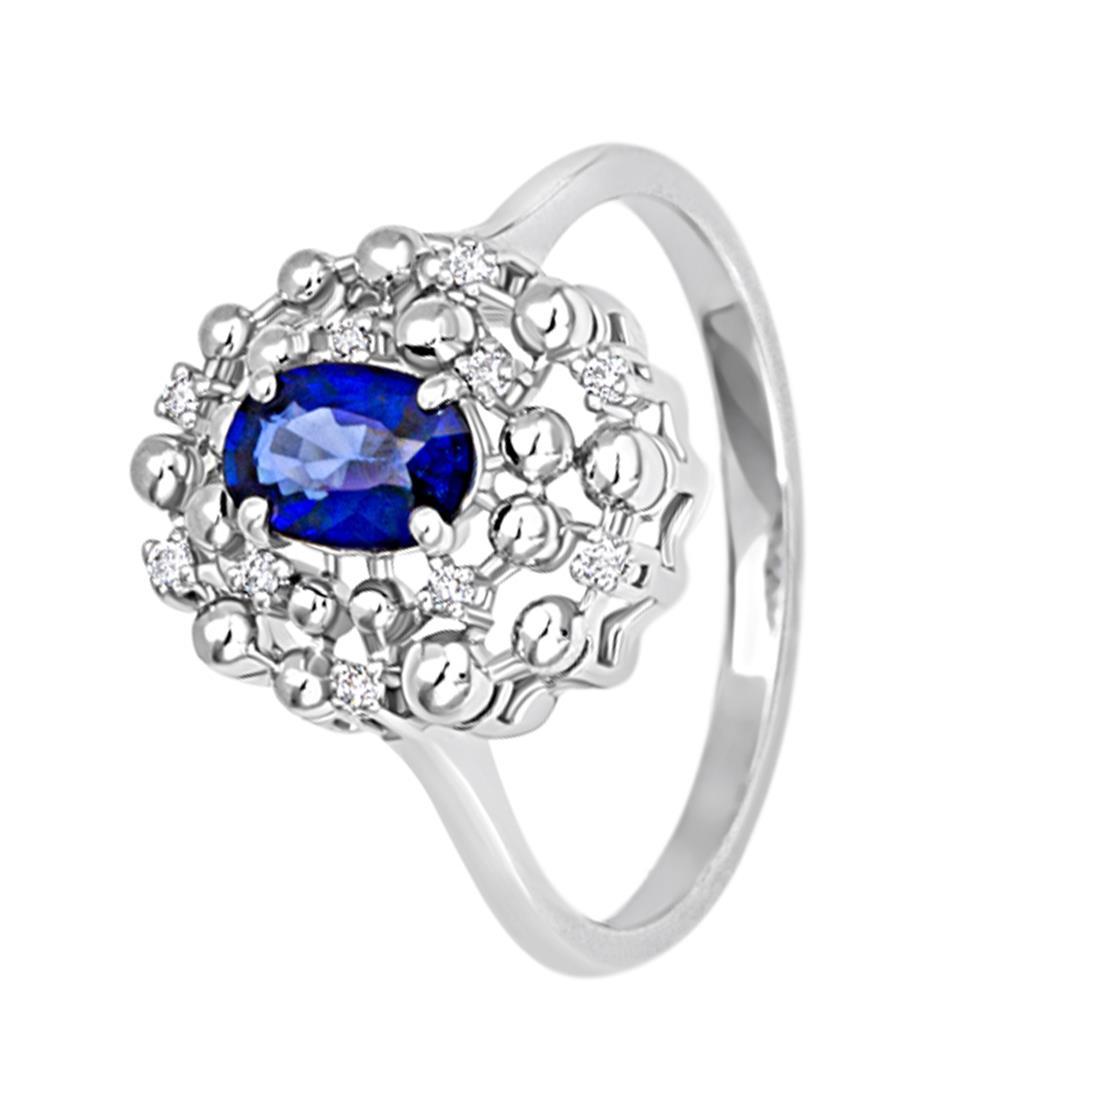 Anello in oro bianco con diamanti e zaffiro - BLISS